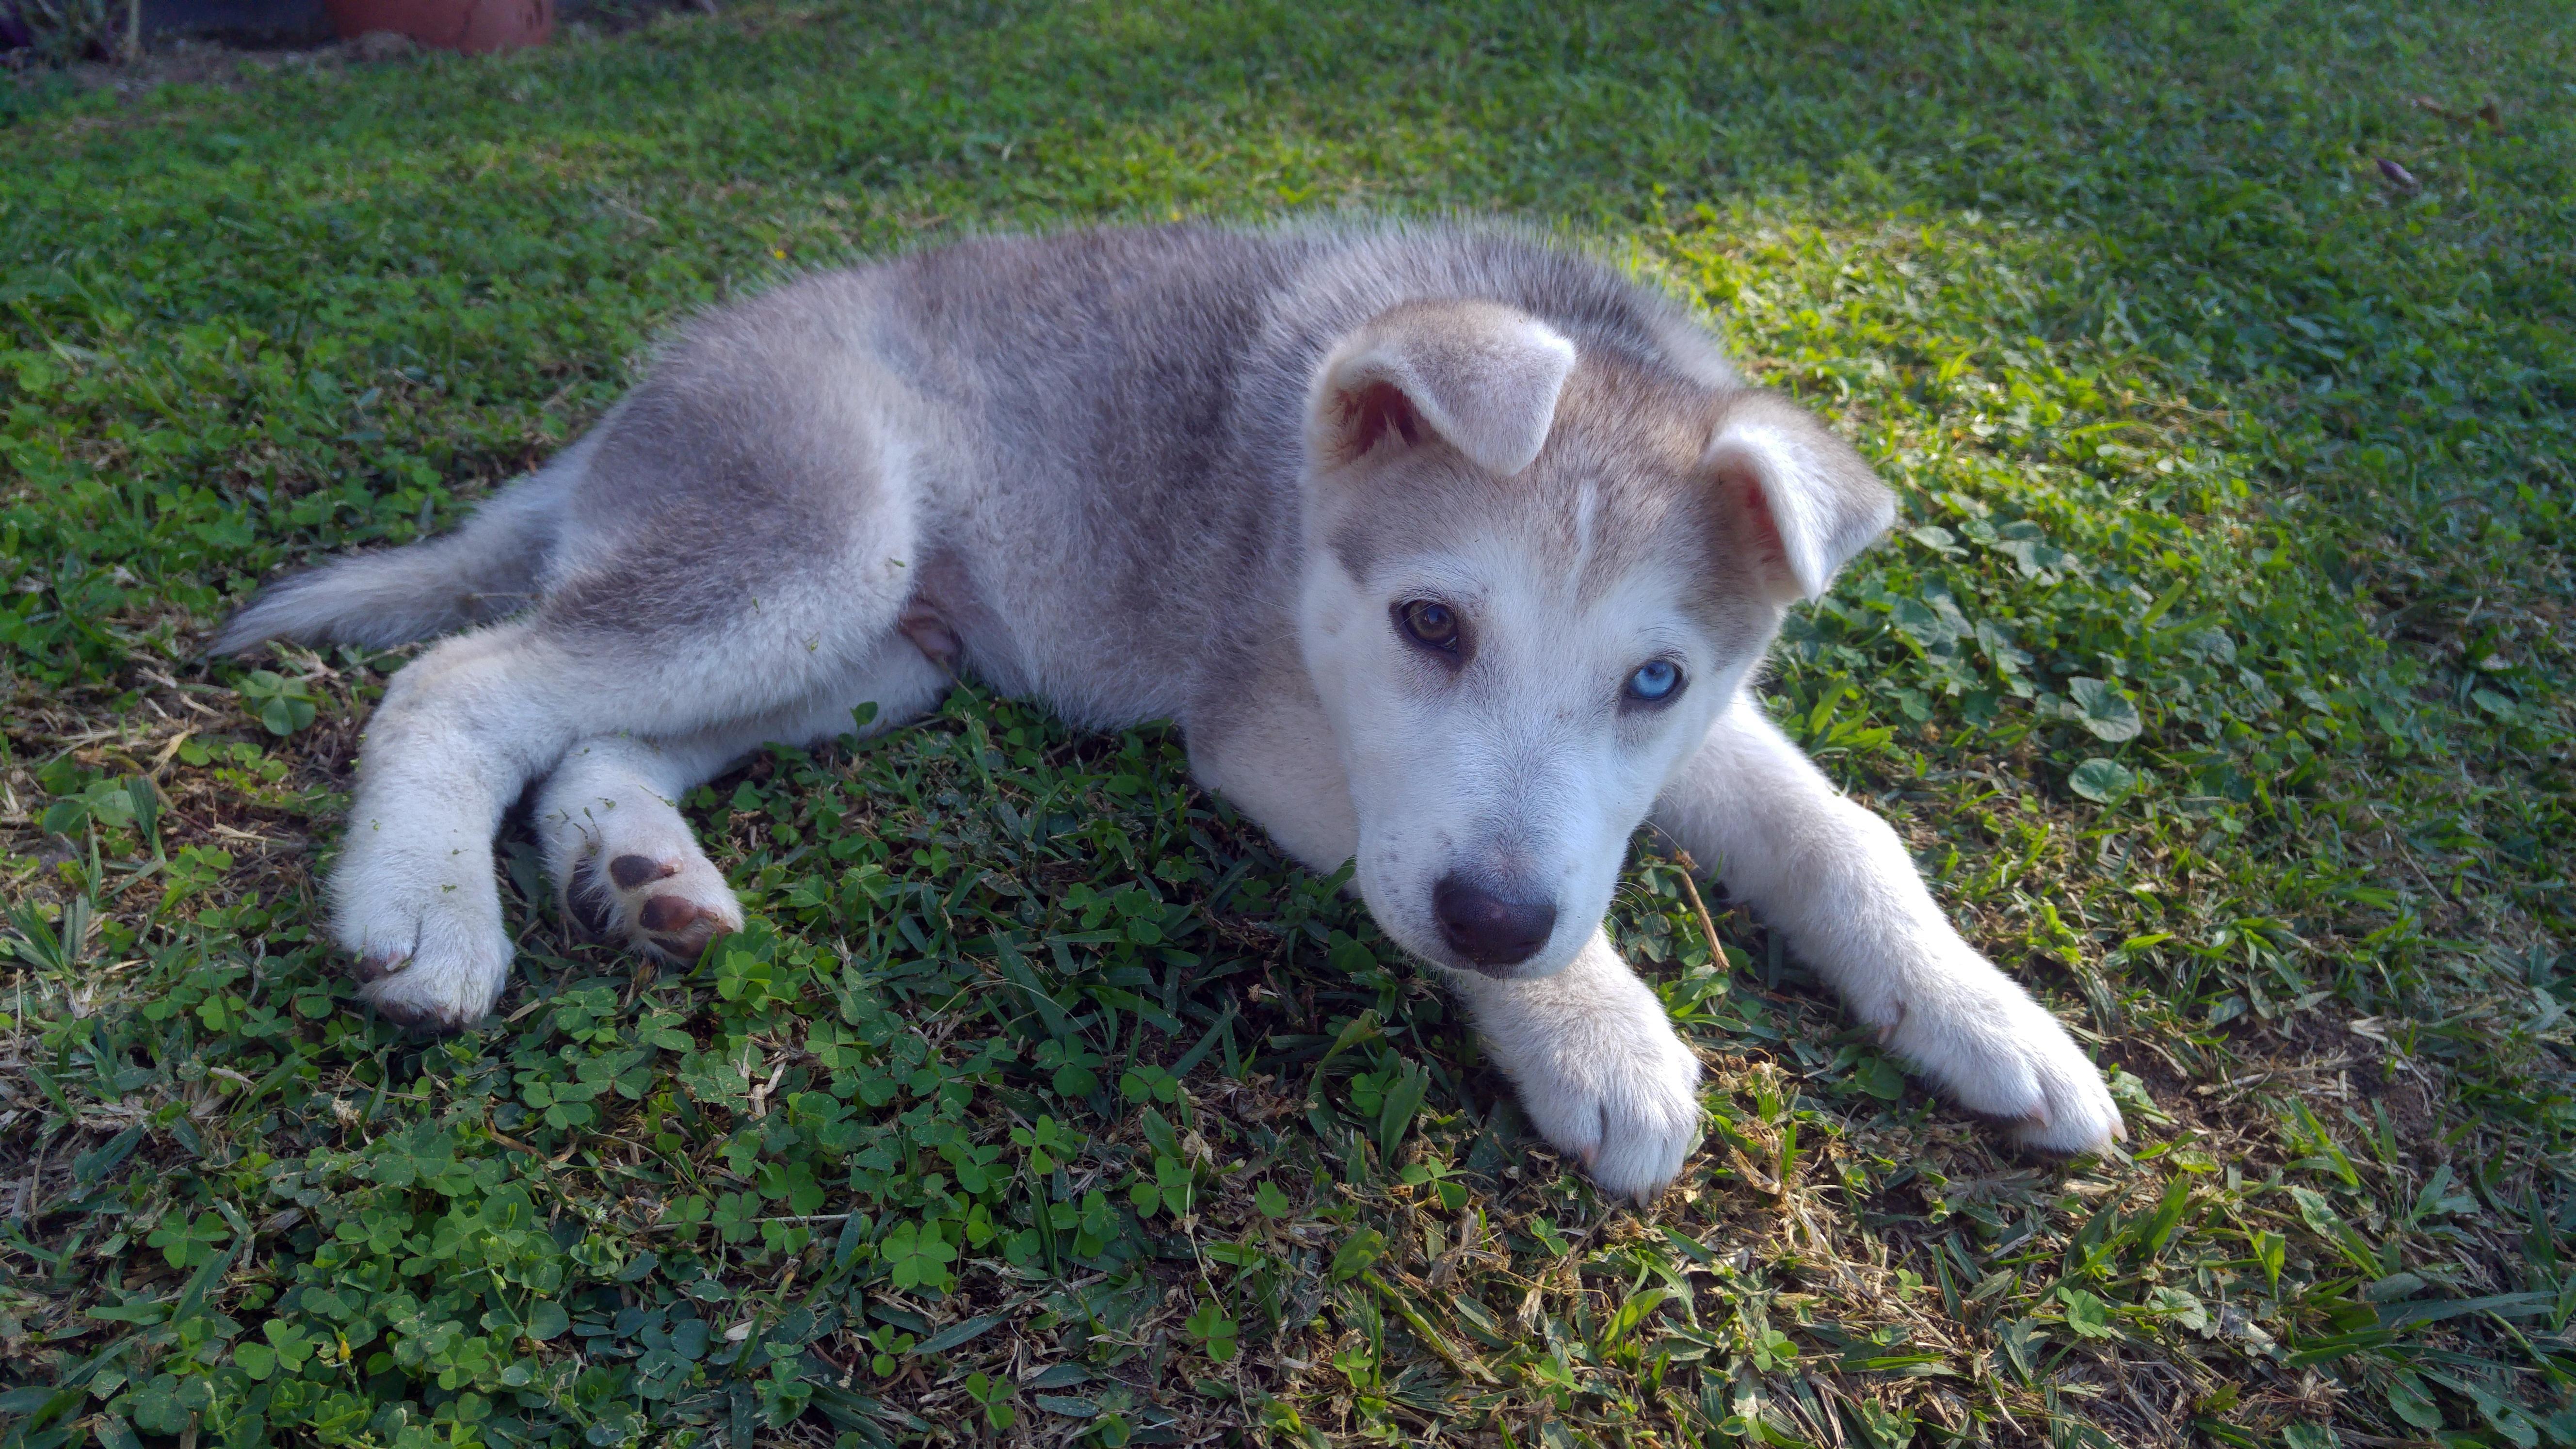 Fotos Gratis Perrito Animal Linda Mascota Joven